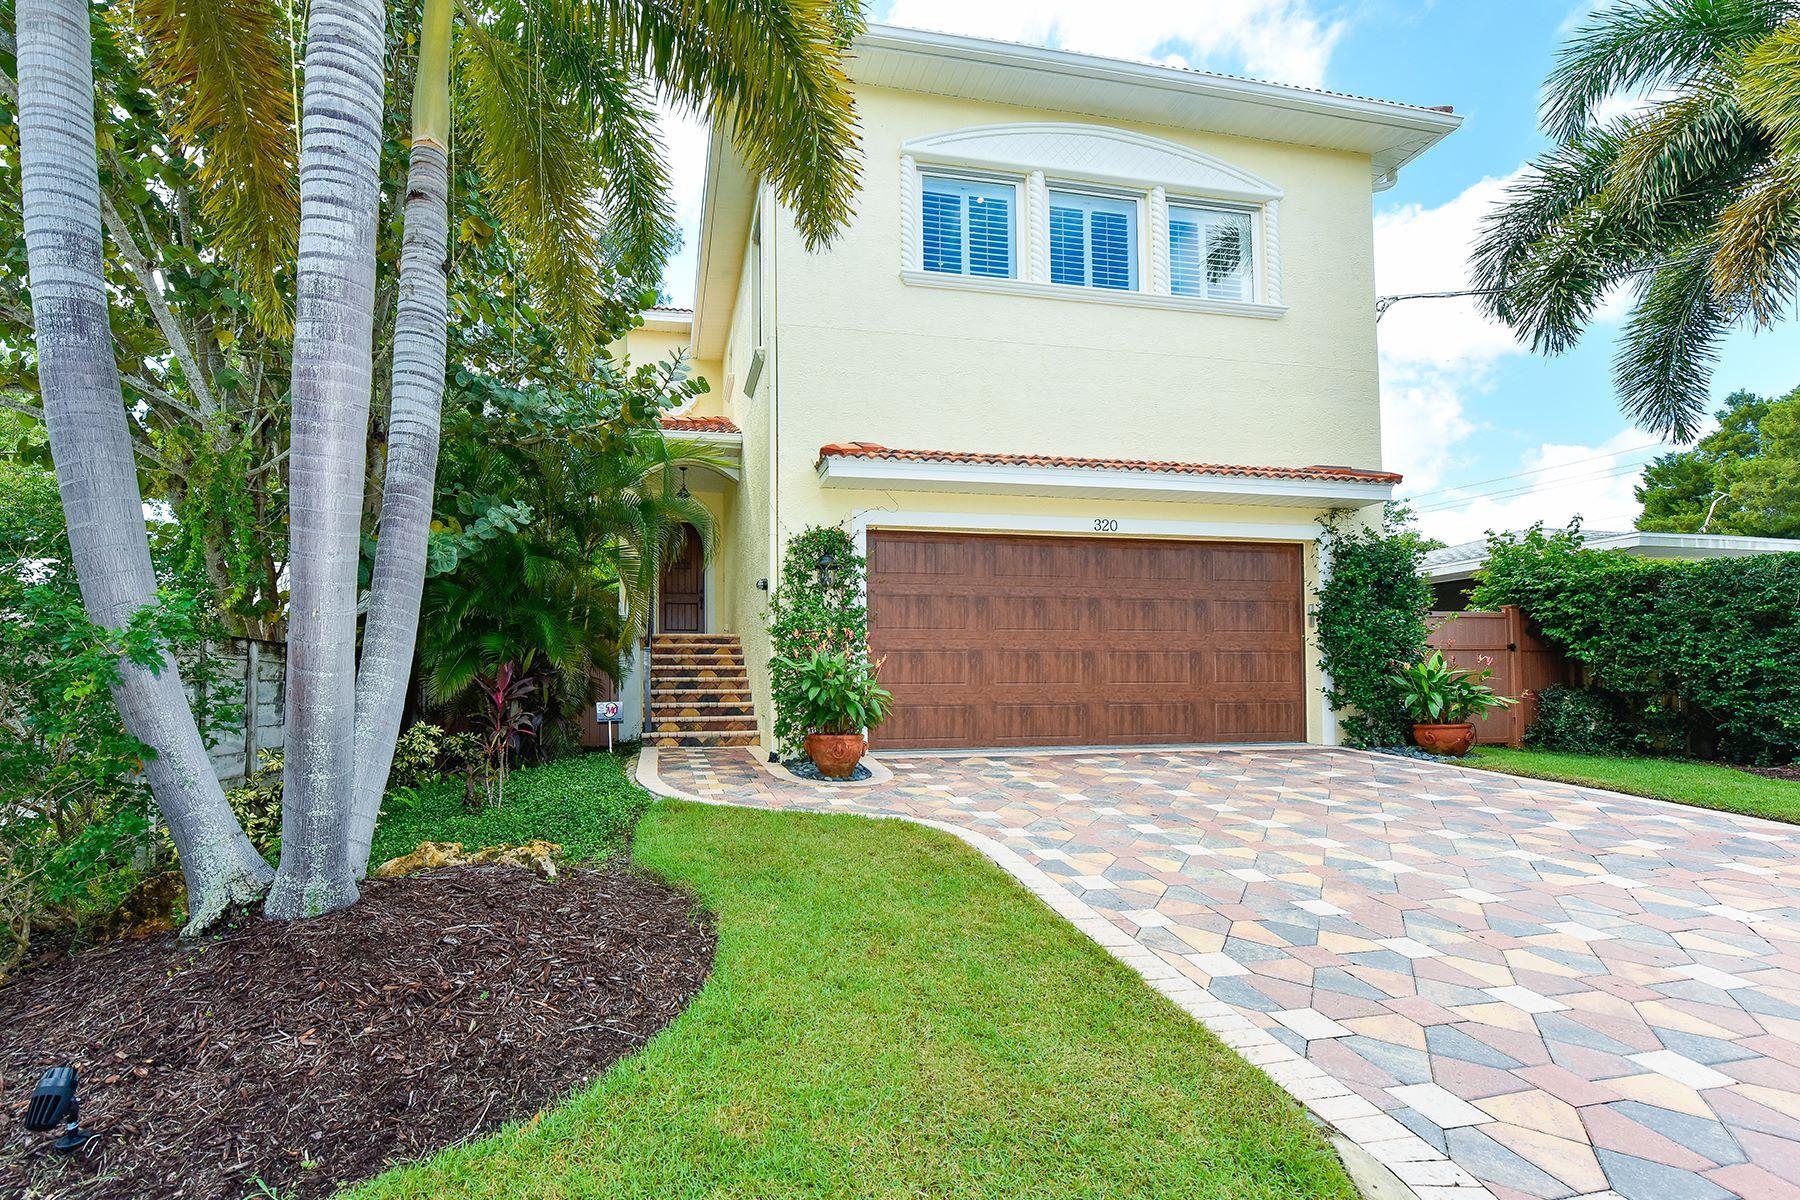 Moradia para Venda às SIESTA KEY 320 Faubel St Sarasota, Florida, 34242 Estados Unidos